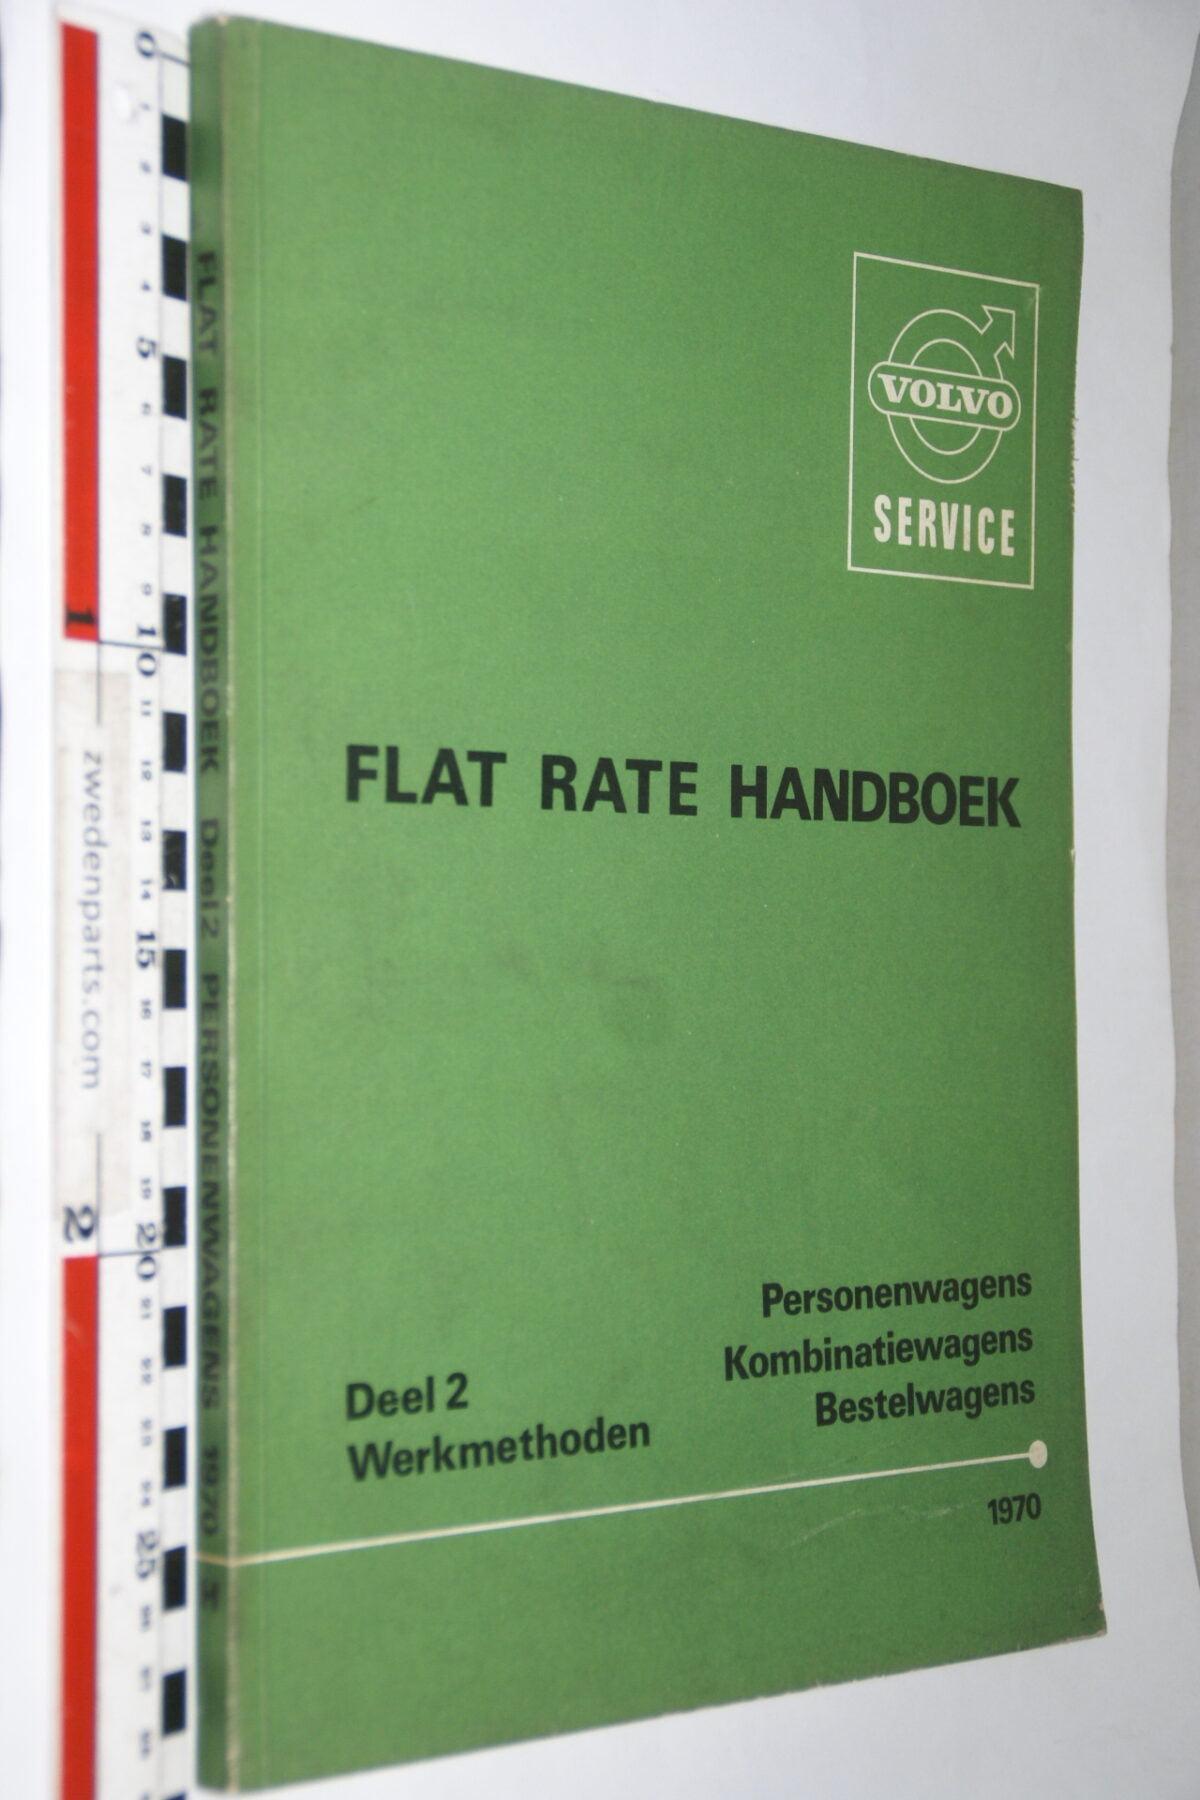 DSC03271 1971 origineel werkplaatsboek Volvo flat rate times 1 van 300 nr TP 84041-1-76fd57ed